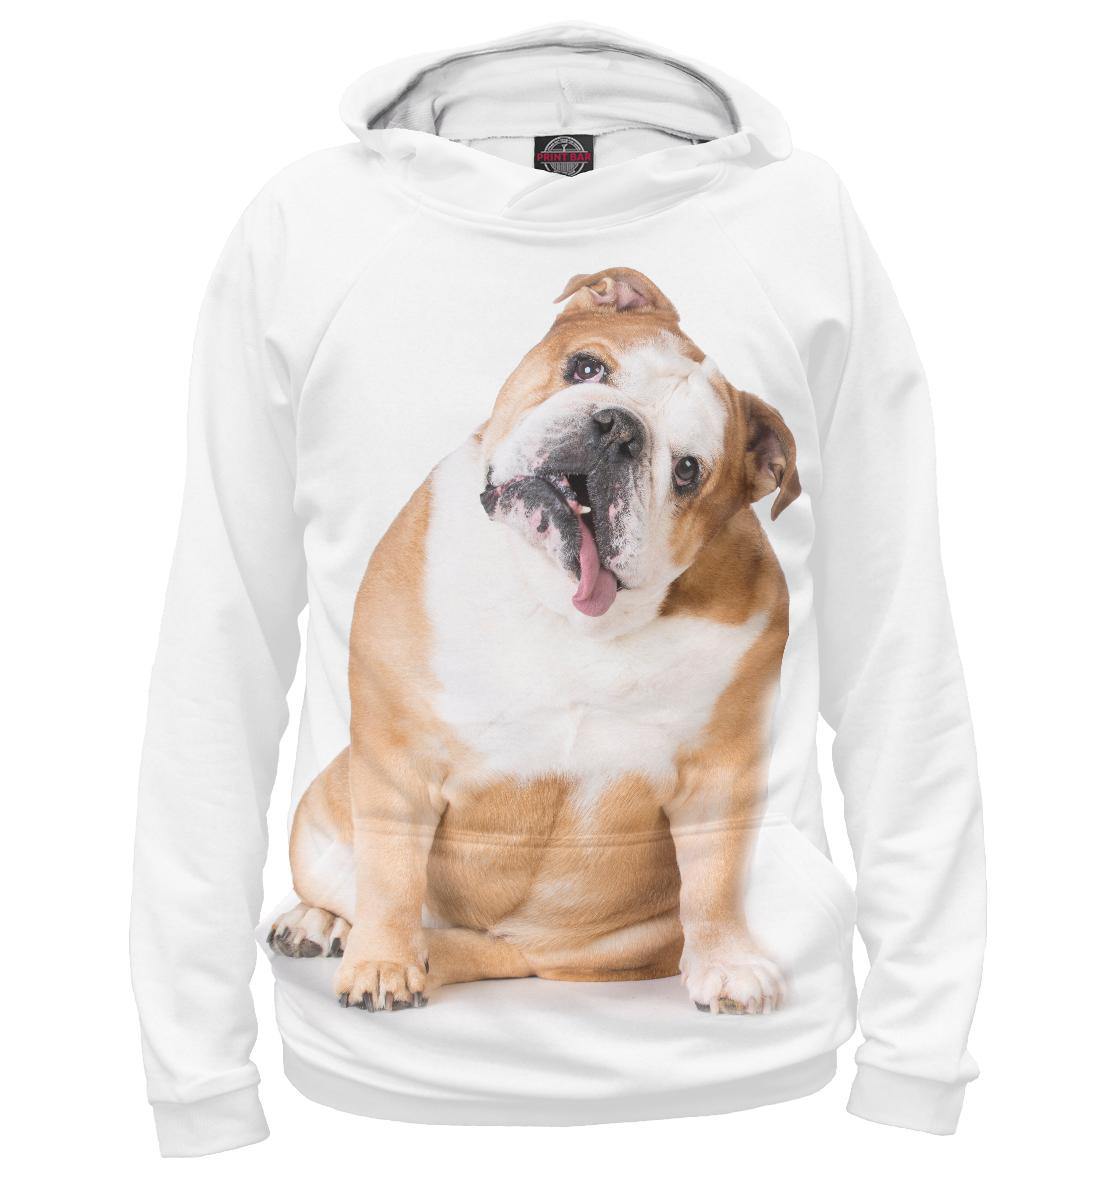 Купить Бульдог, Printbar, Худи, DOG-127602-hud-1